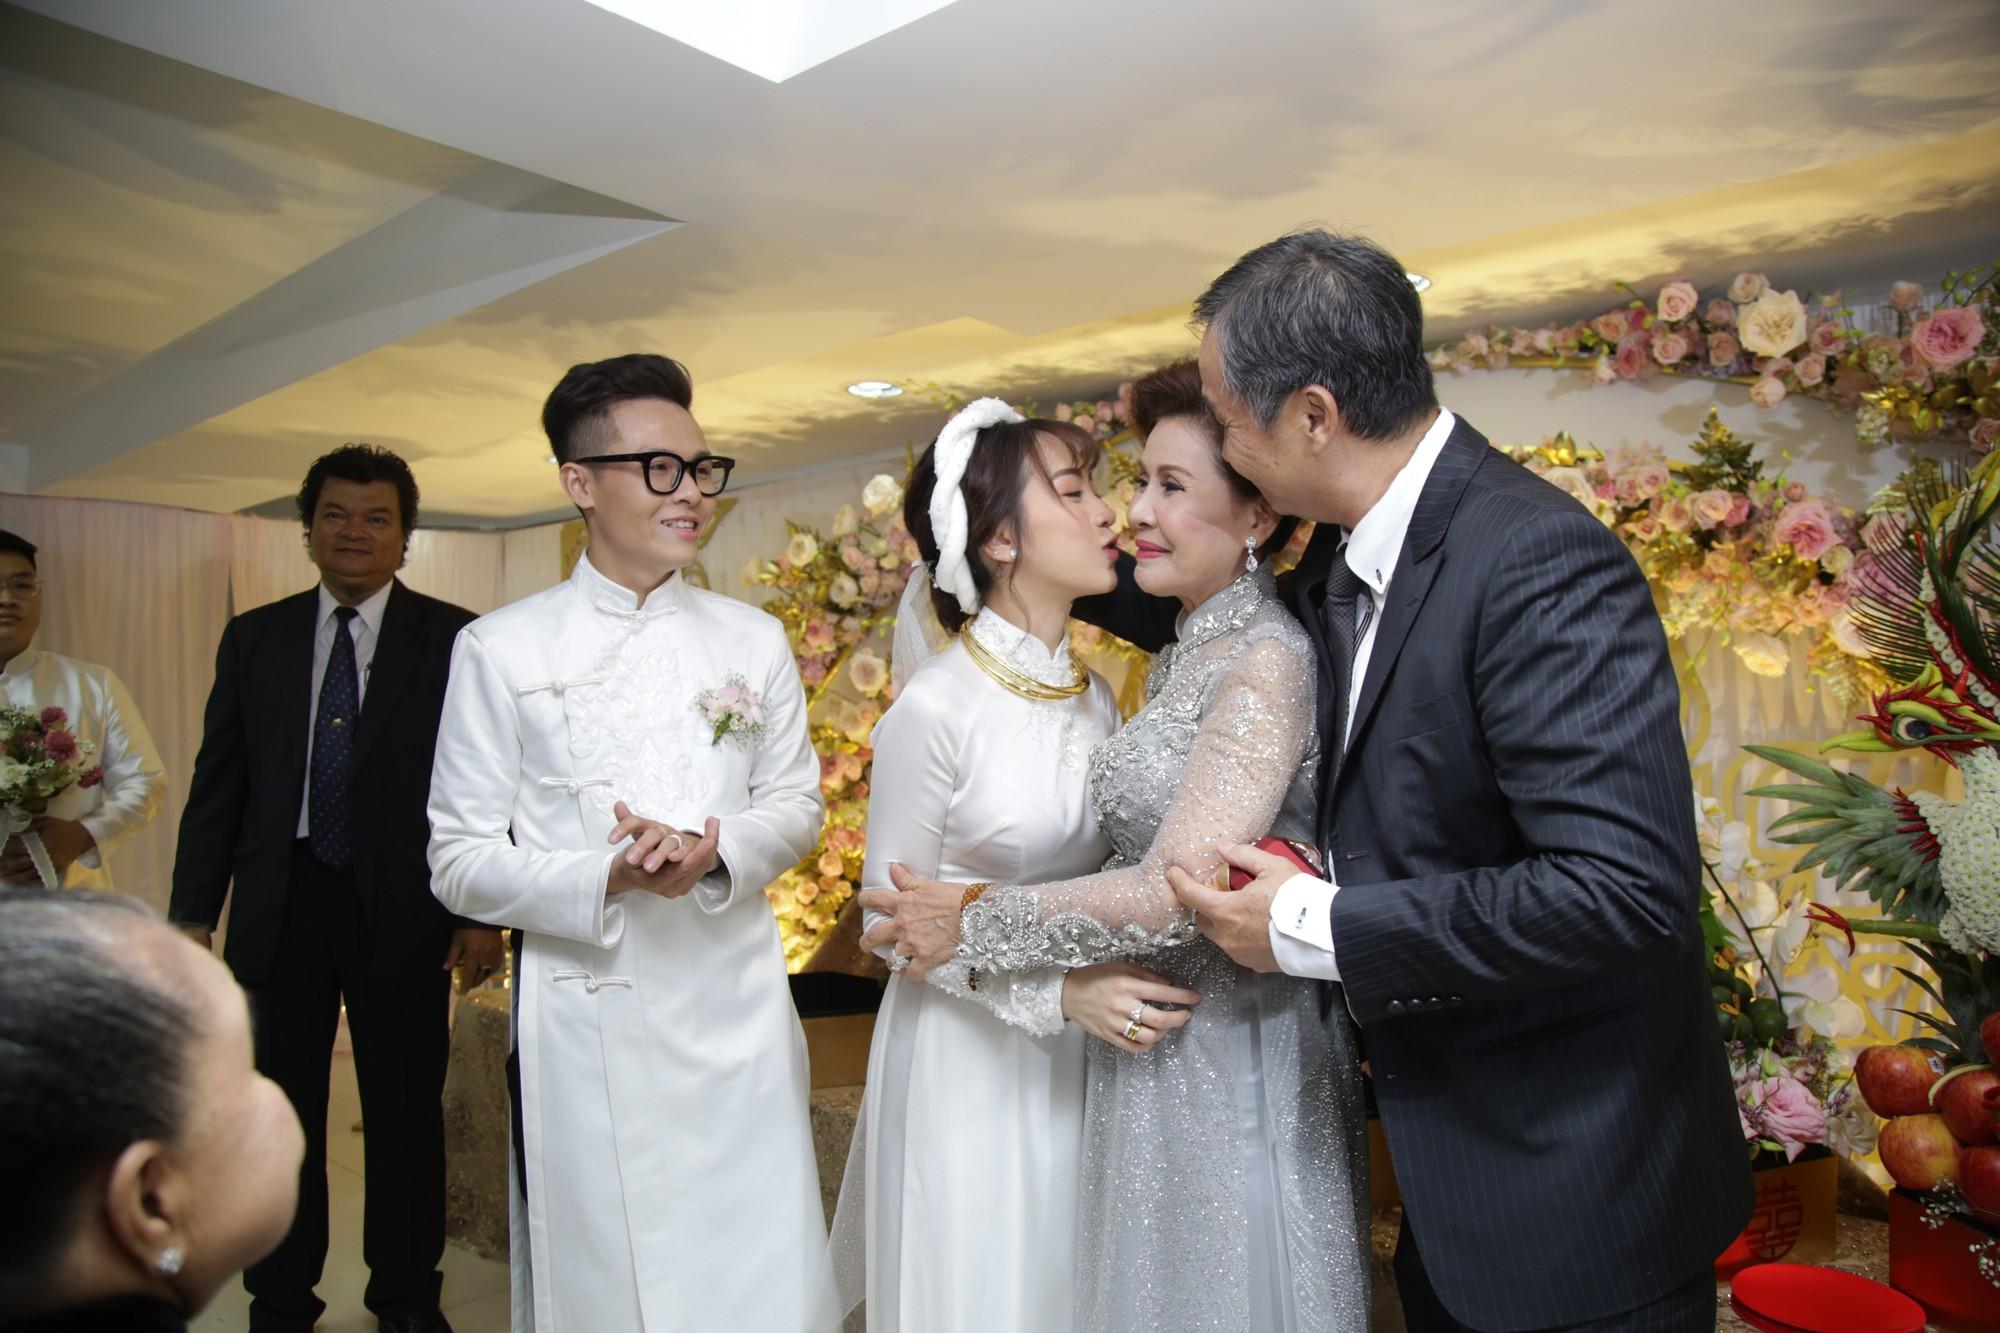 Con gái Minh Nhựa bày tỏ tình cảm thân mật với mẹ chồng trong lễ cưới.